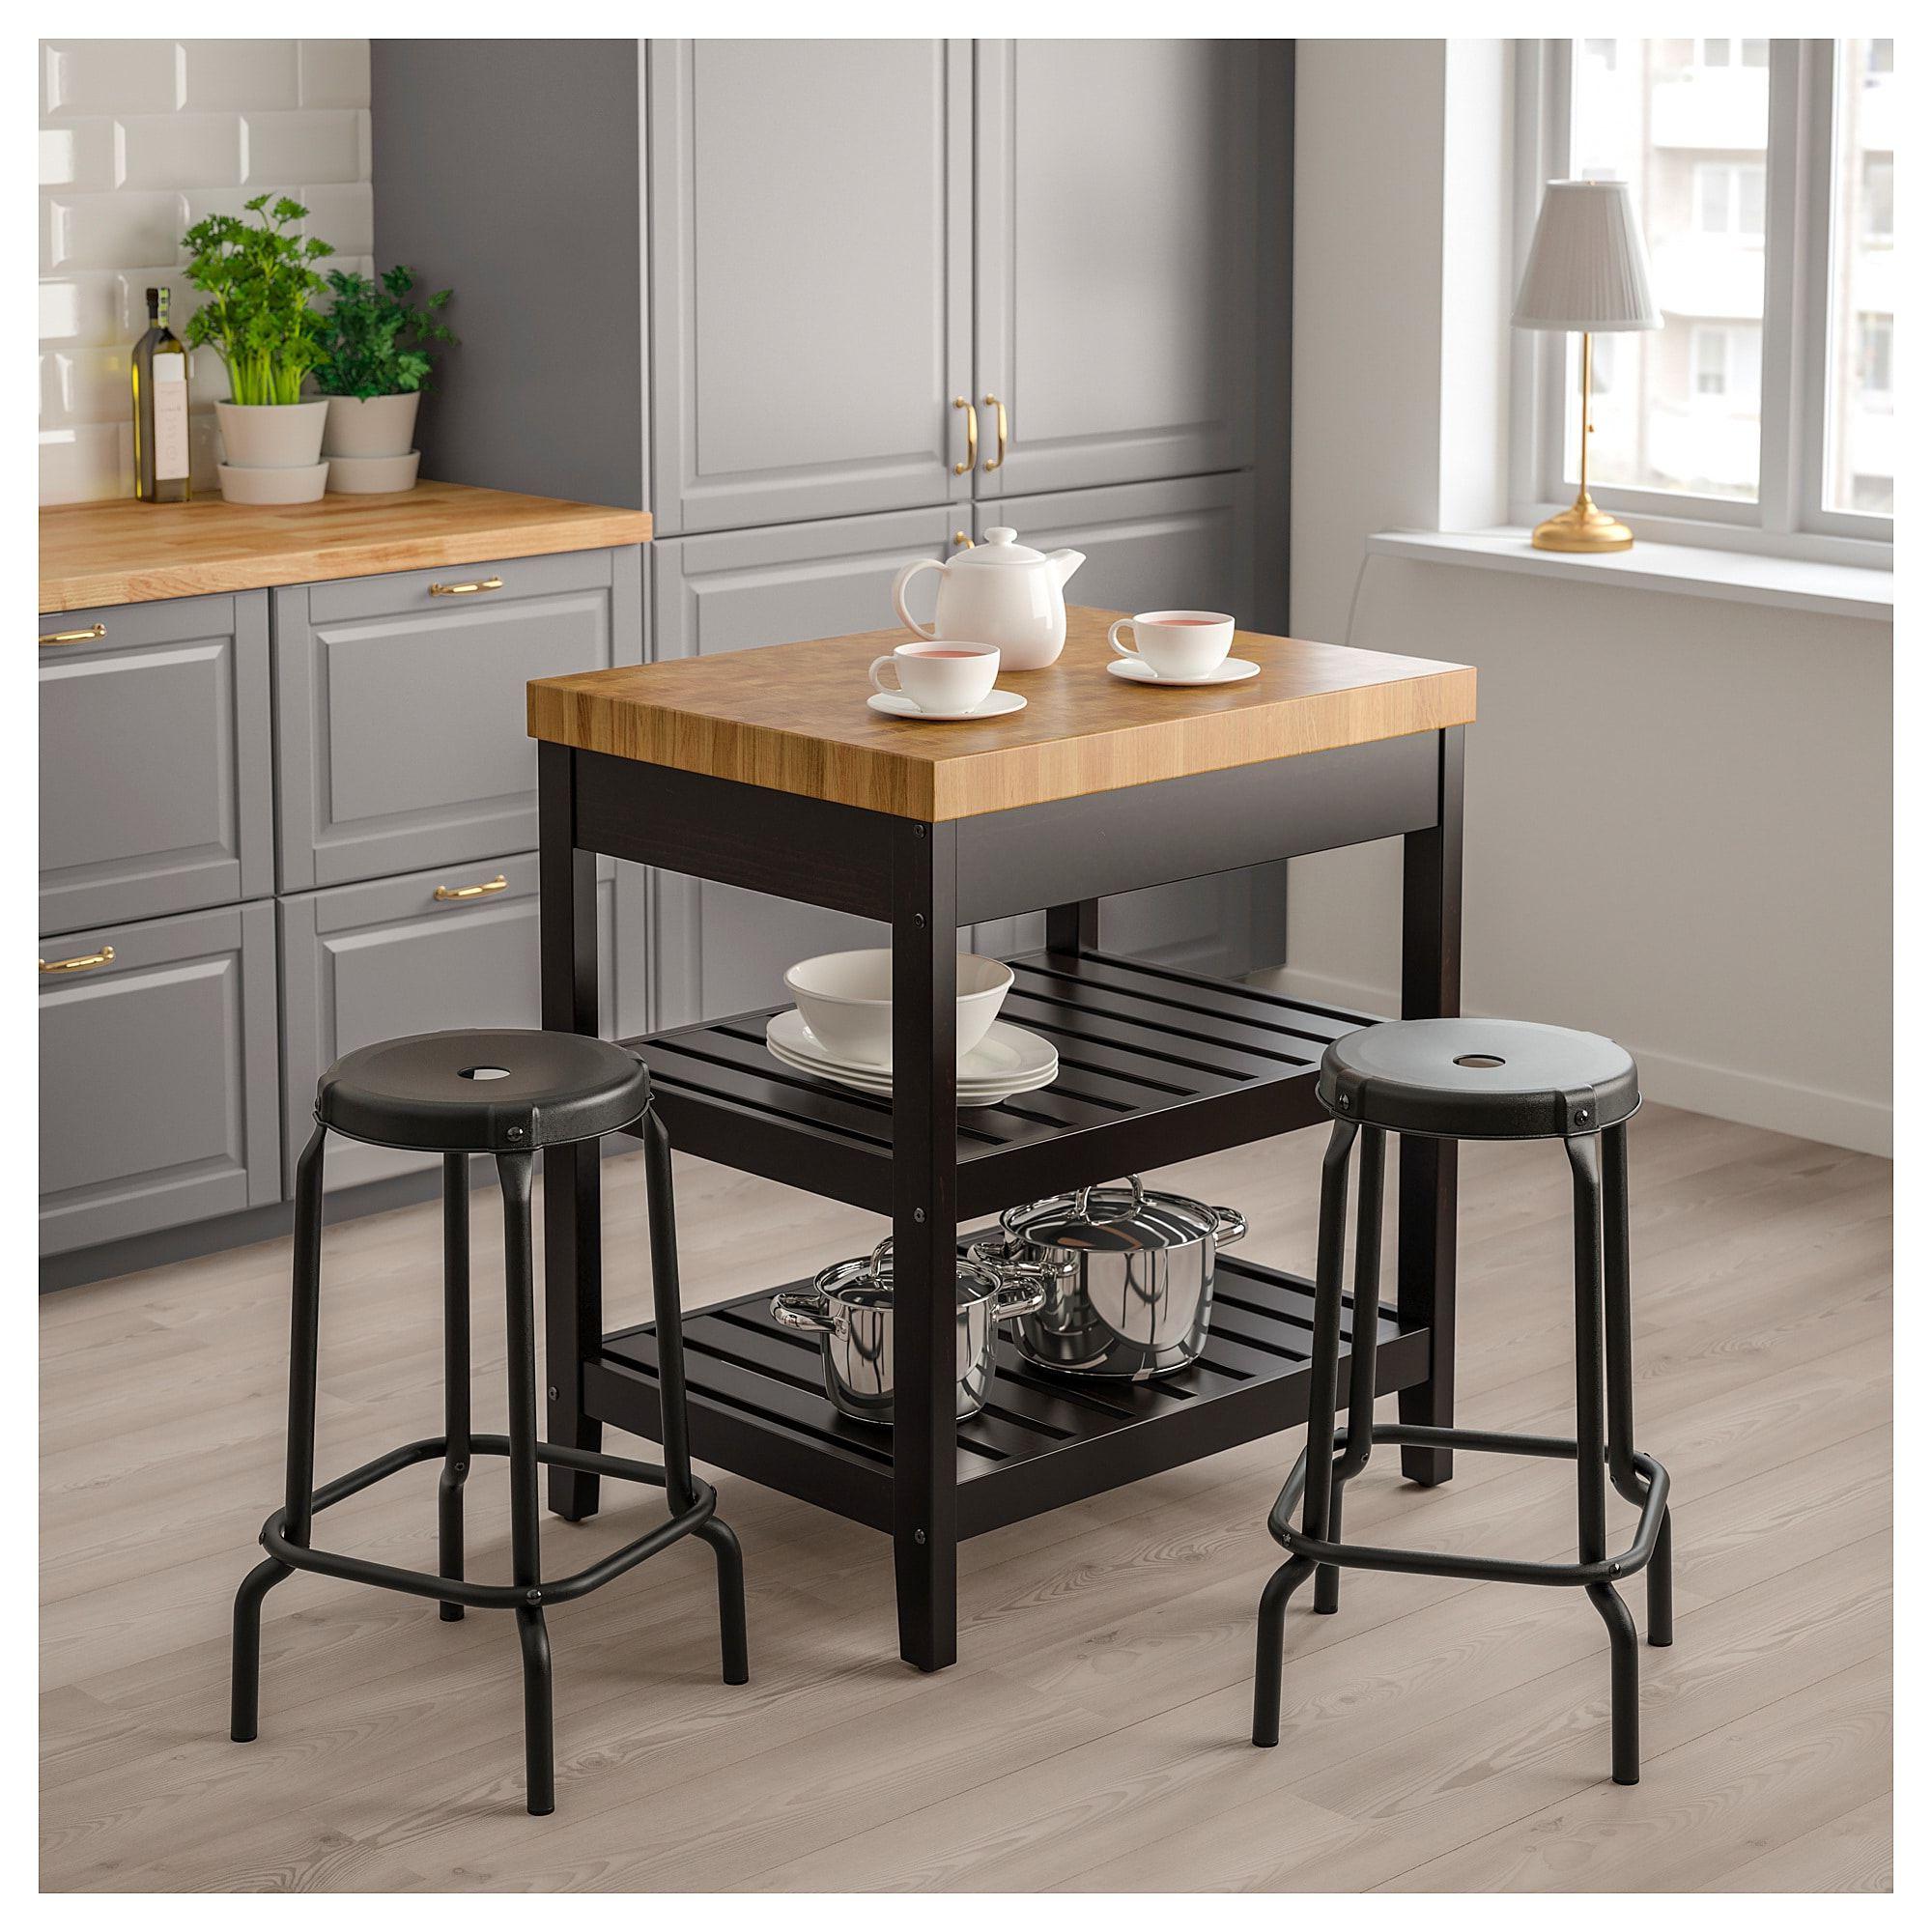 2019 Ikea - Vadholma Kitchen Island Black, Oak In 2019